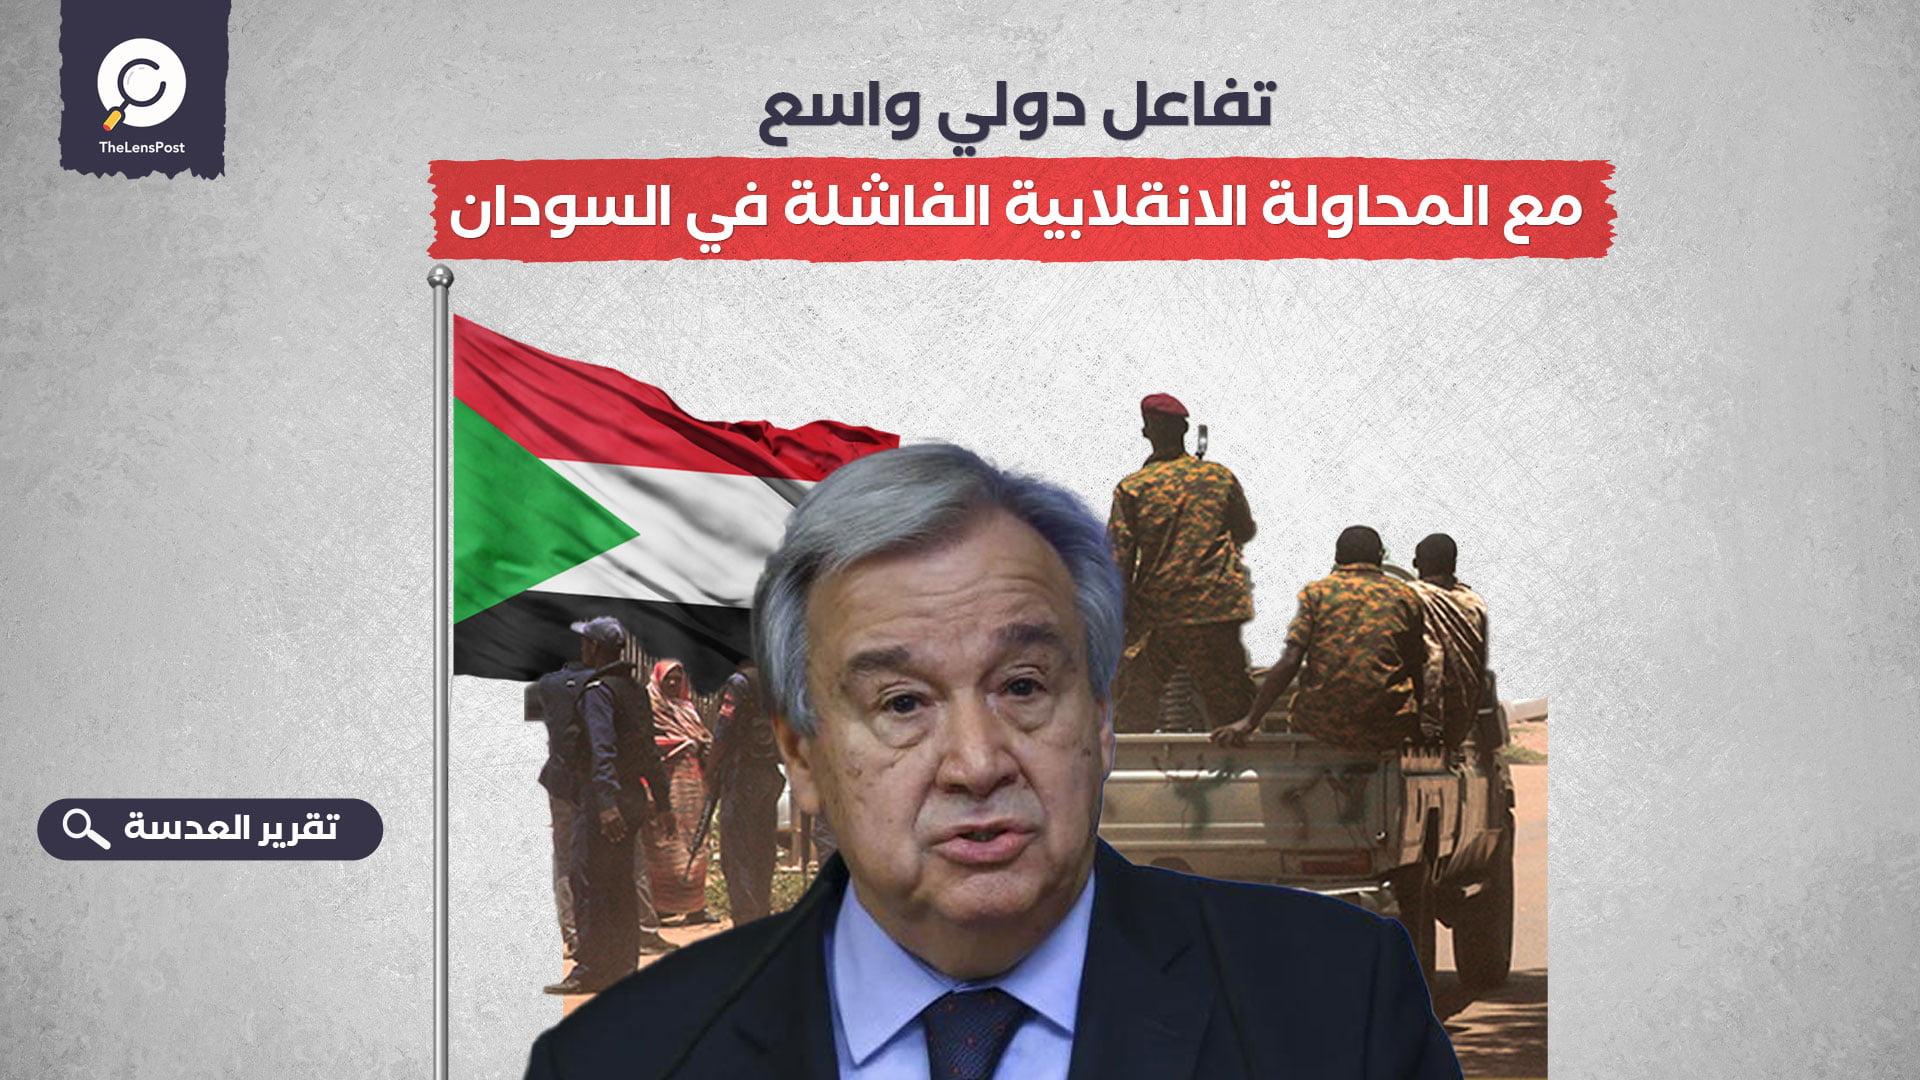 تفاعل دولي واسع مع المحاولة الانقلابية الفاشلة في السودان